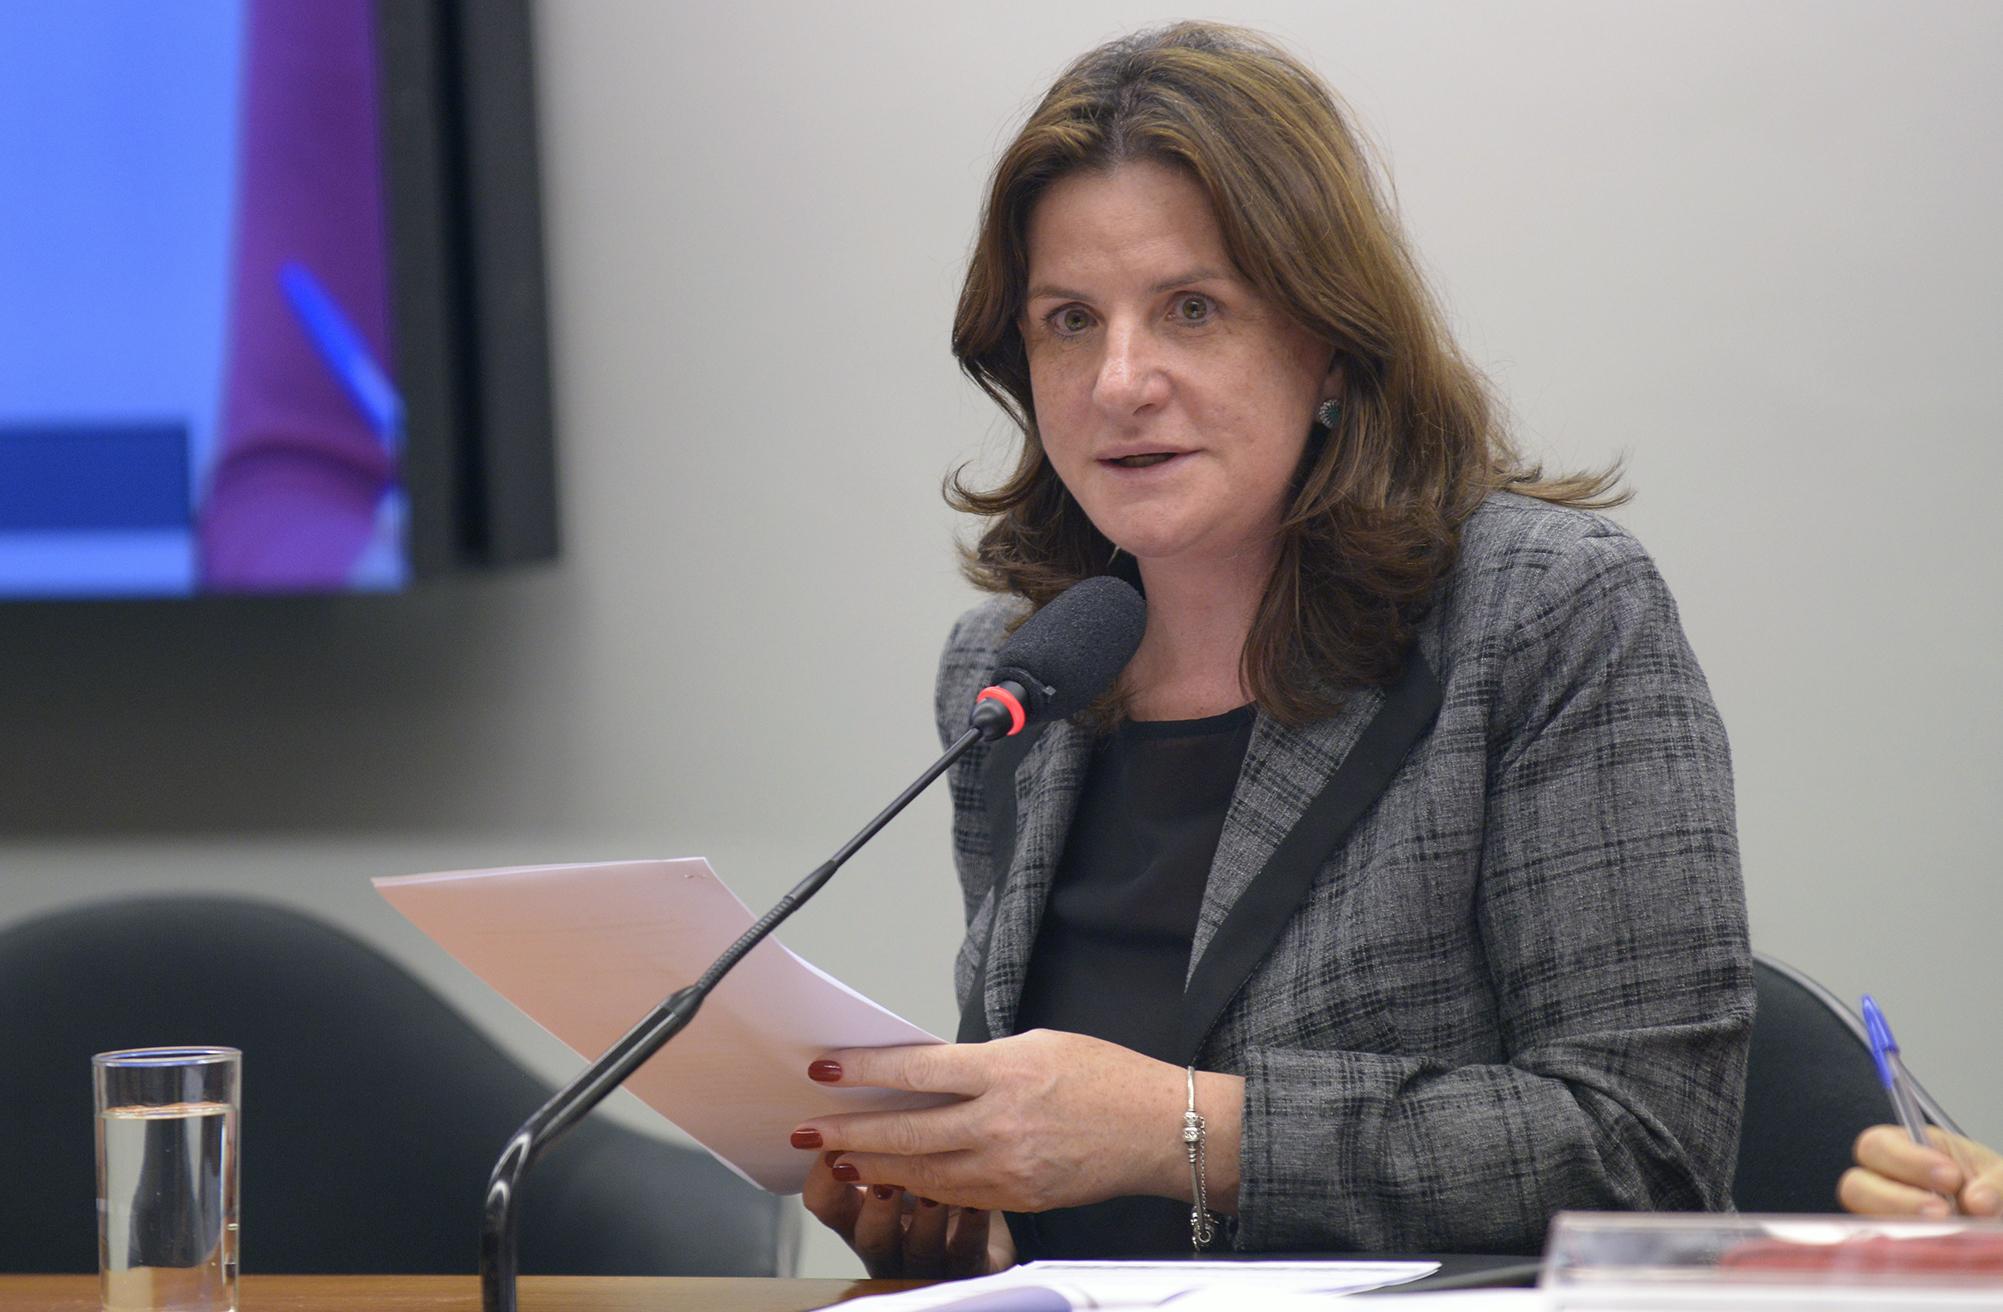 Audiência pública sobre o PL 6.662/2016, que dispõe sobre a Lei Orgânica da Segurança Pública. Dep. Carmen Zanotto (PPS - SC)